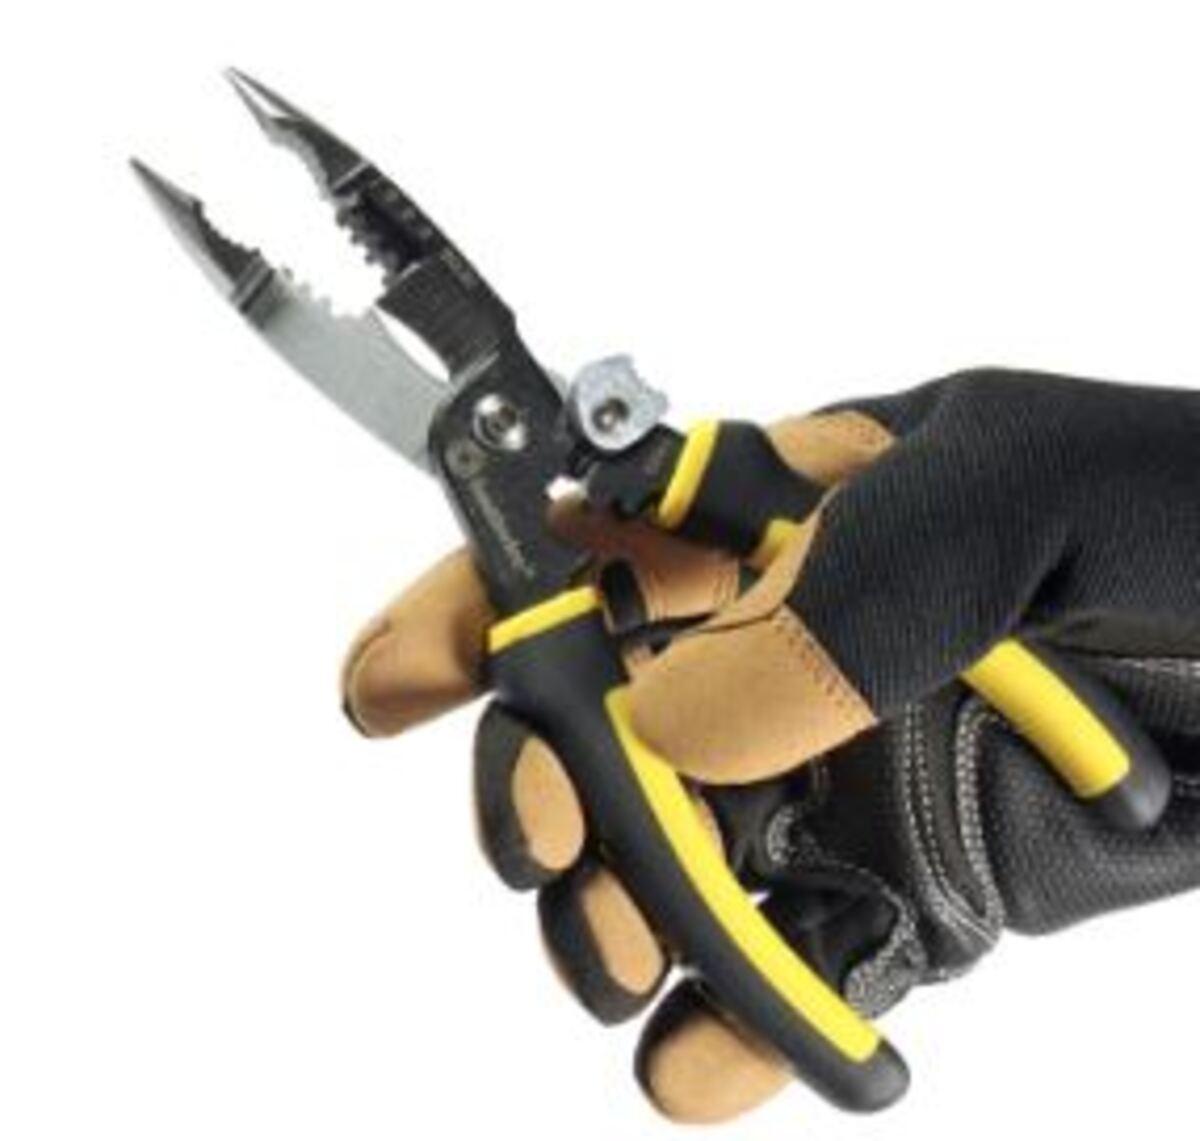 5-In-1 Multi-Tool Pliers